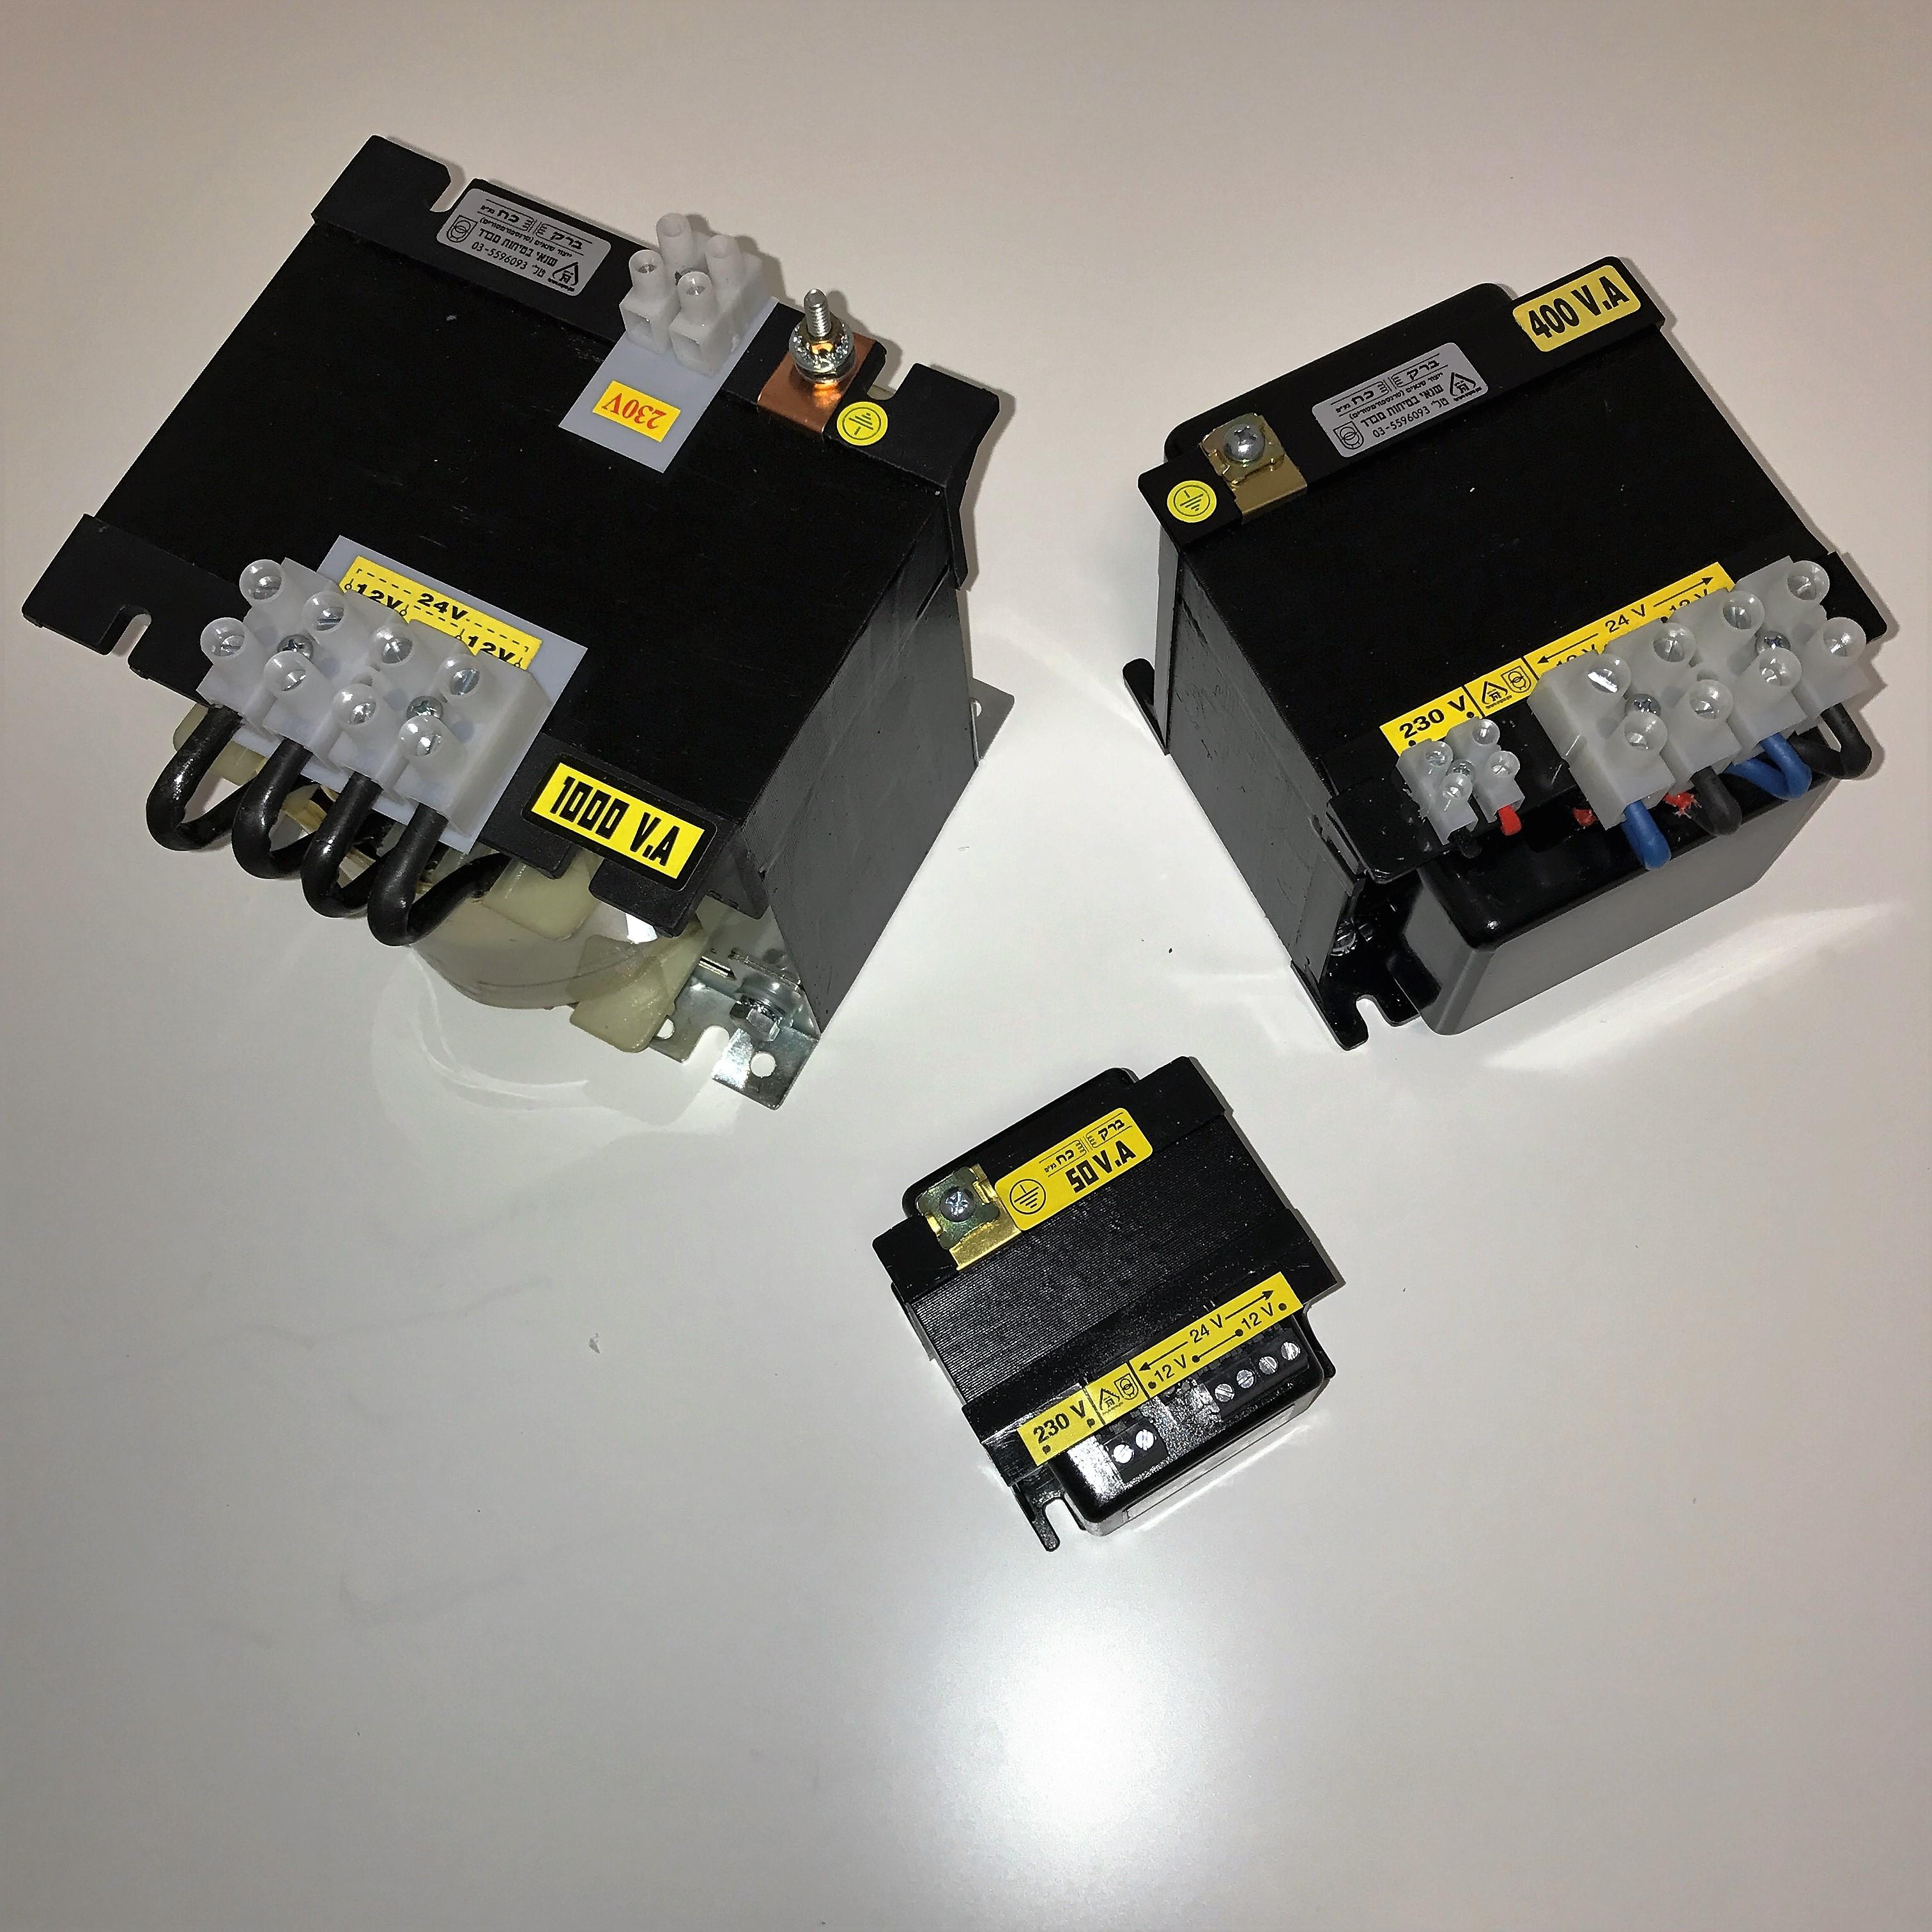 שנאי מבדל בהספק 2000VA במתחים 230V-12V